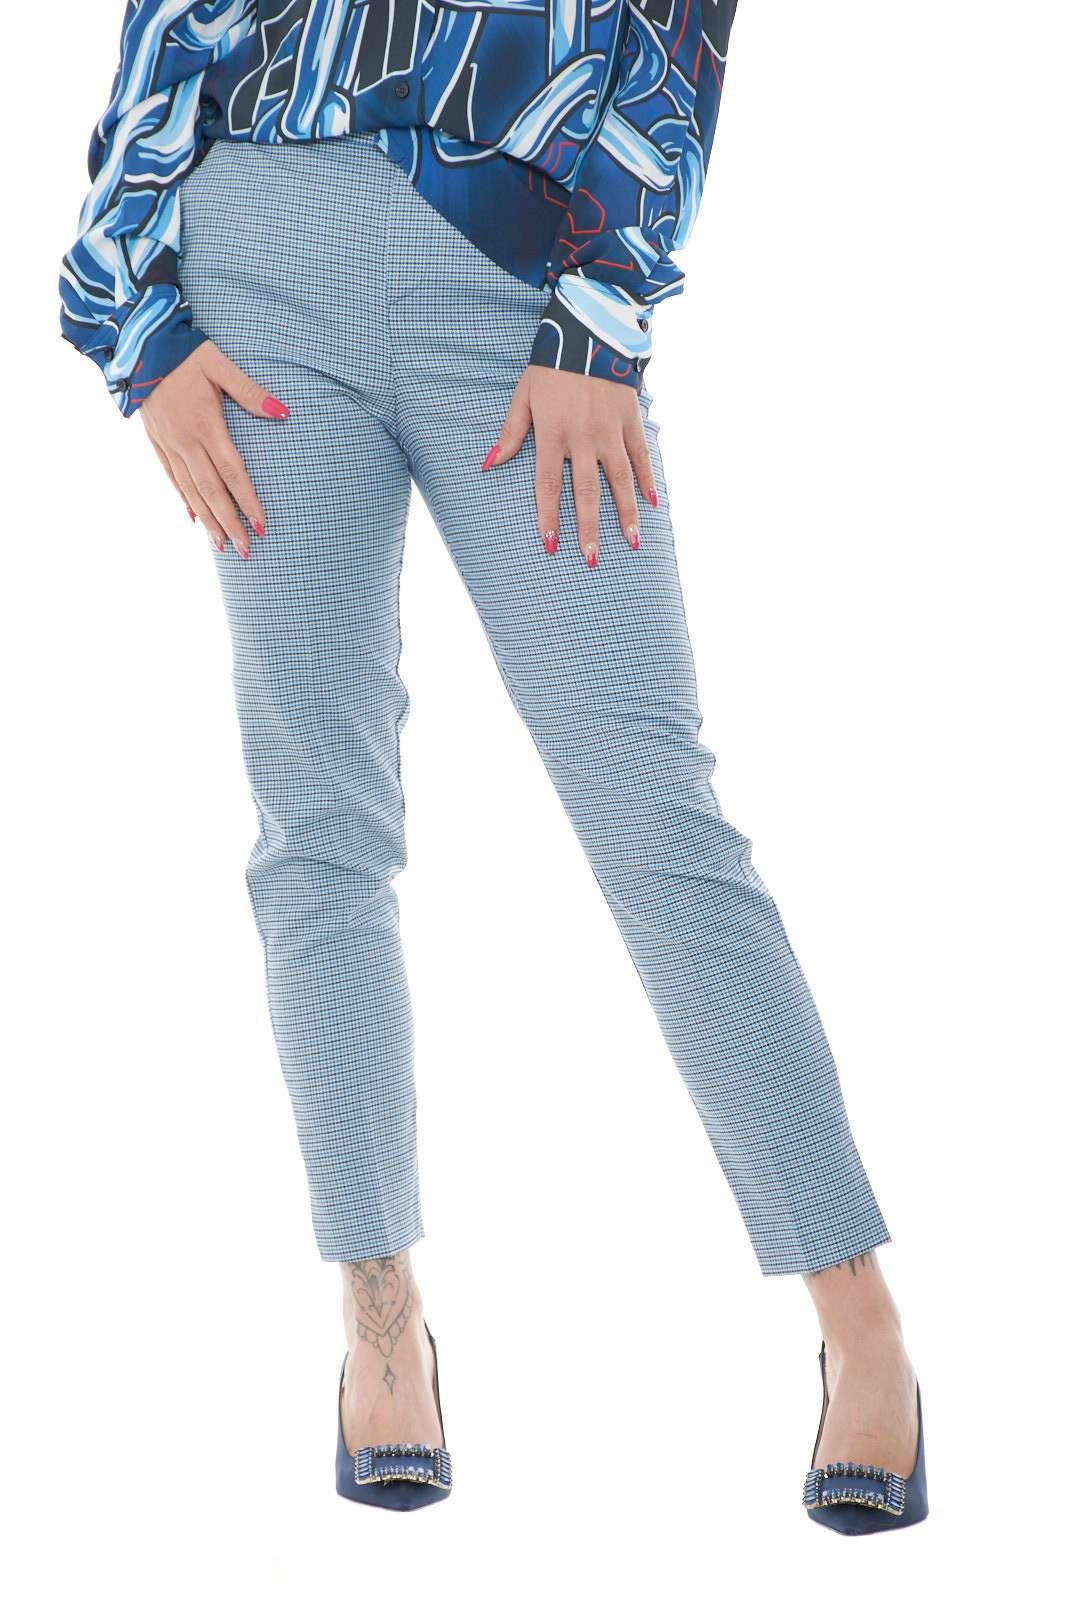 Scopri il nuovo pantalone proposta per la collezione primavera estate di Blumarine. La delicata fantasia pied de poule si impone su un capo dalla vestibilità slim e dal taglio forale. Da abbinare a bluse o camicie, è una soluzione per i look più formali.